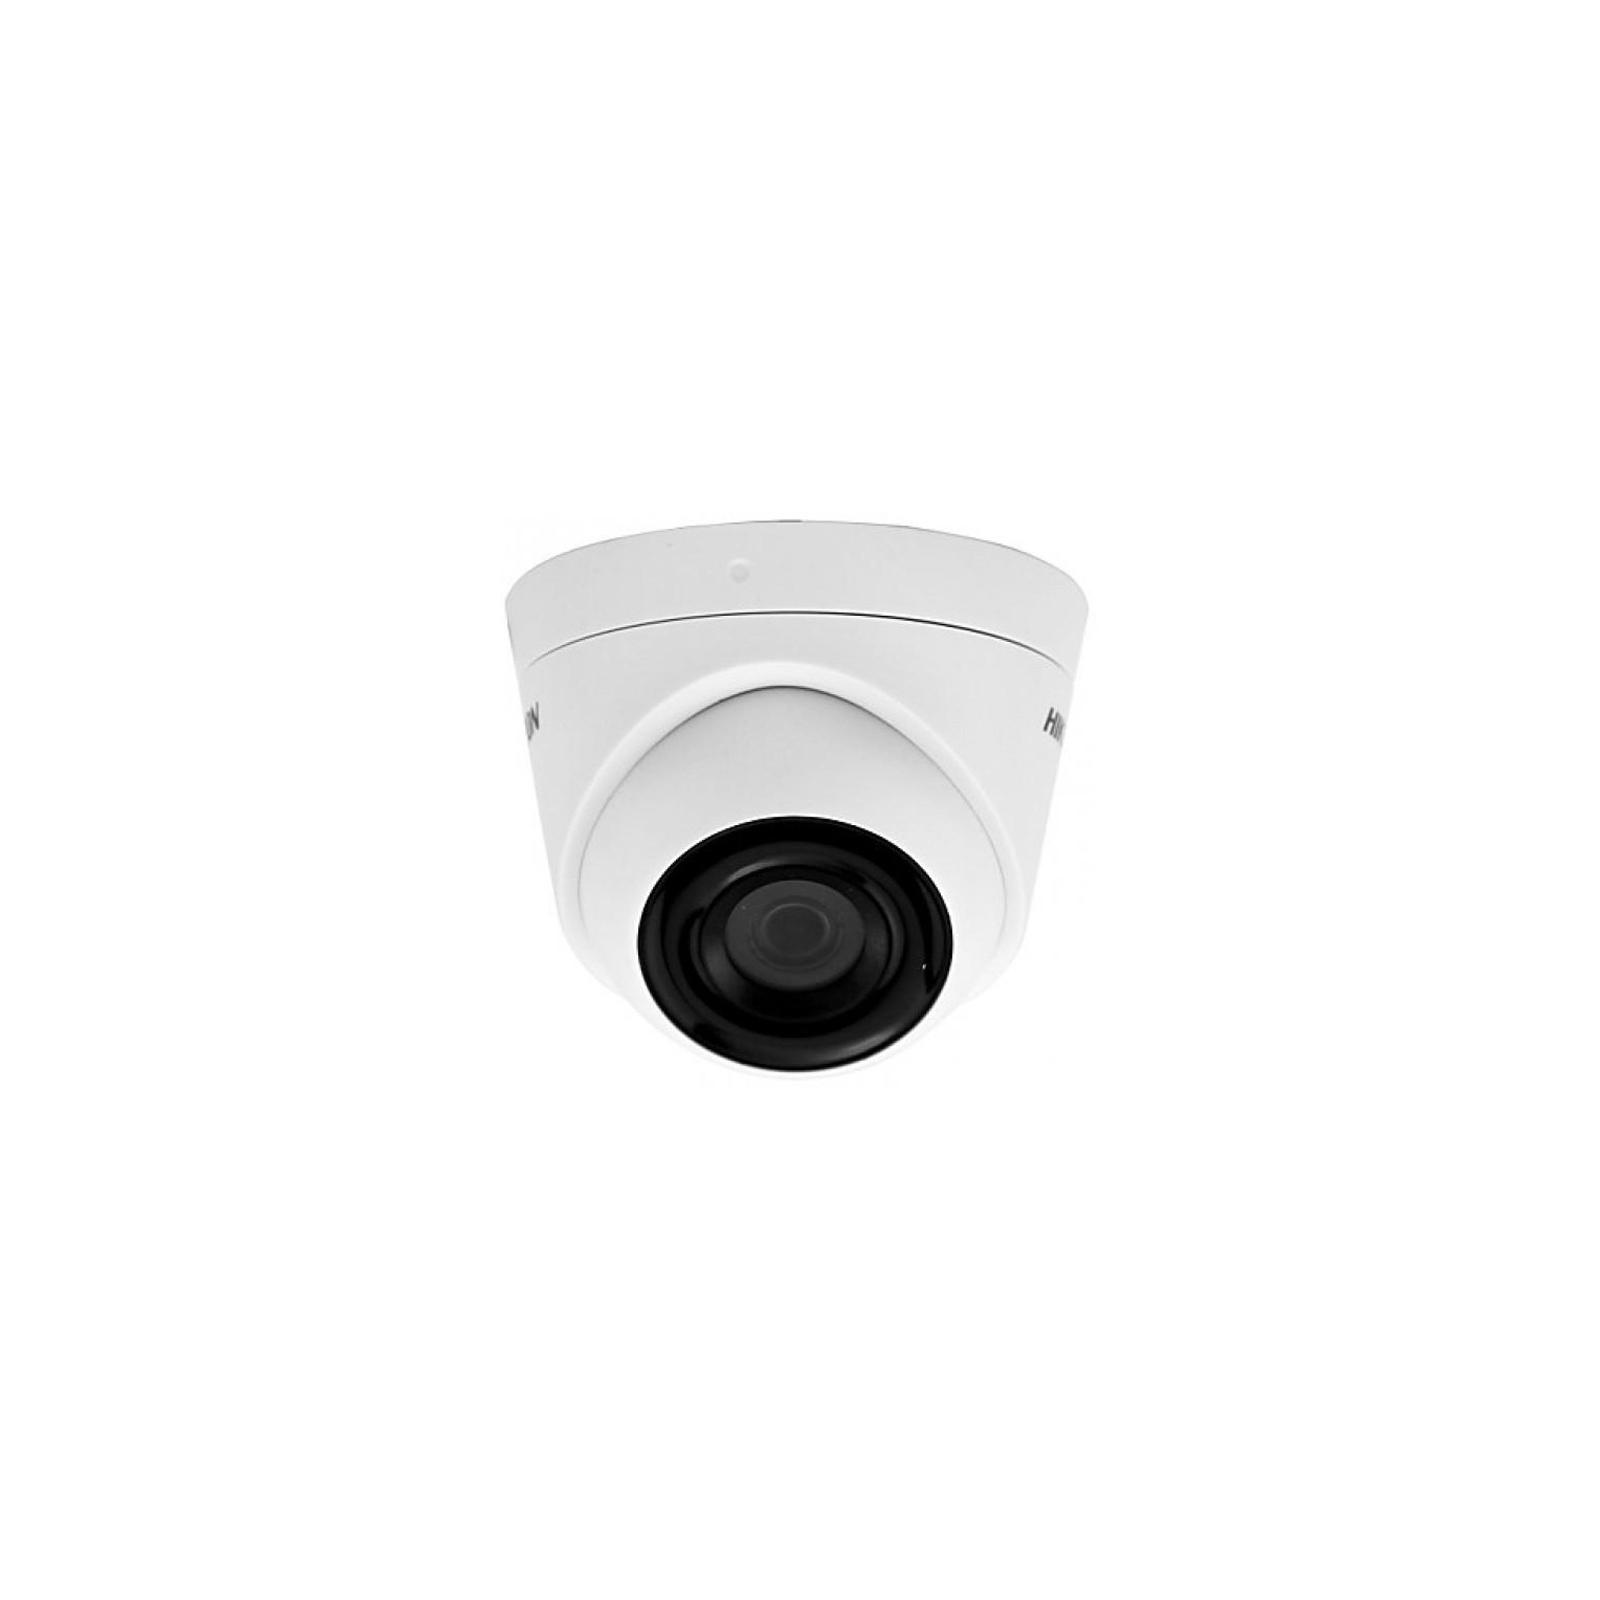 Камера видеонаблюдения HikVision DS-2CD1323G0-I (2.8) изображение 2